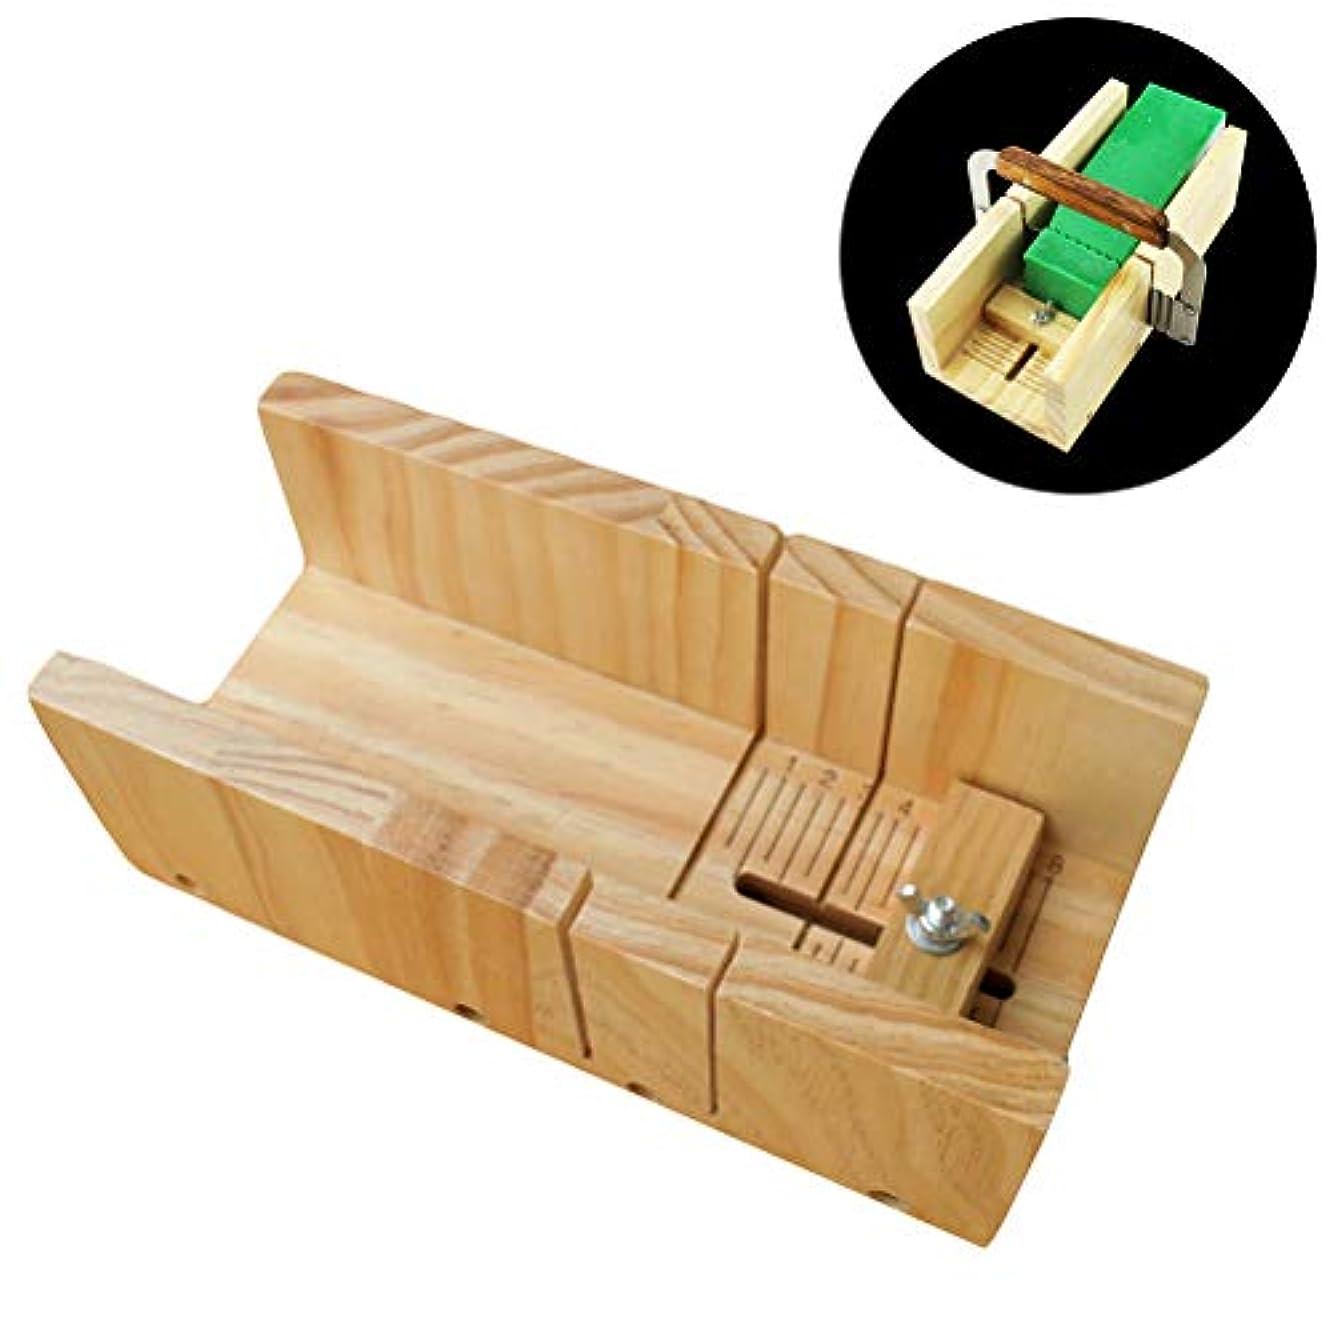 机アライアンス整理するHealifty 木製石鹸カッターモールド石鹸ロープモールド調節可能なカッターモールドボックス石鹸ツールを作る